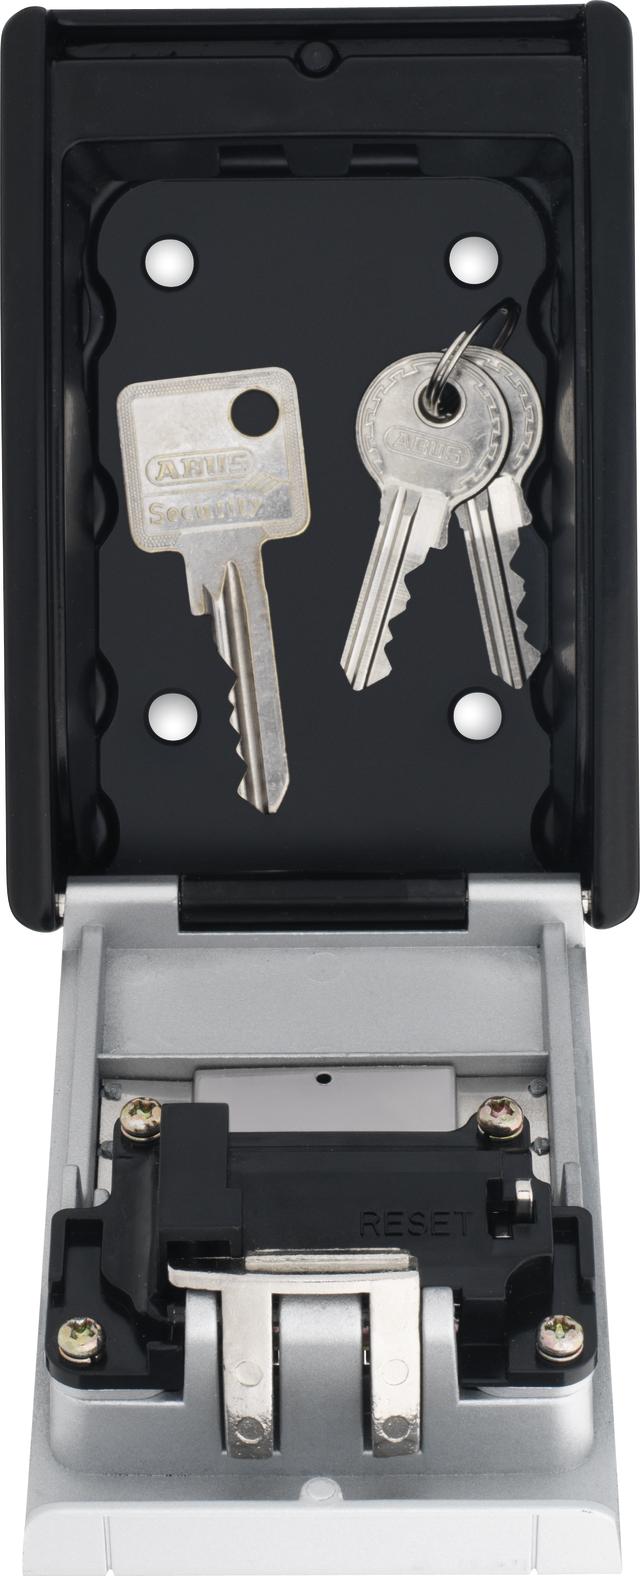 KeyGarage™ 787 mit Schlüsseln